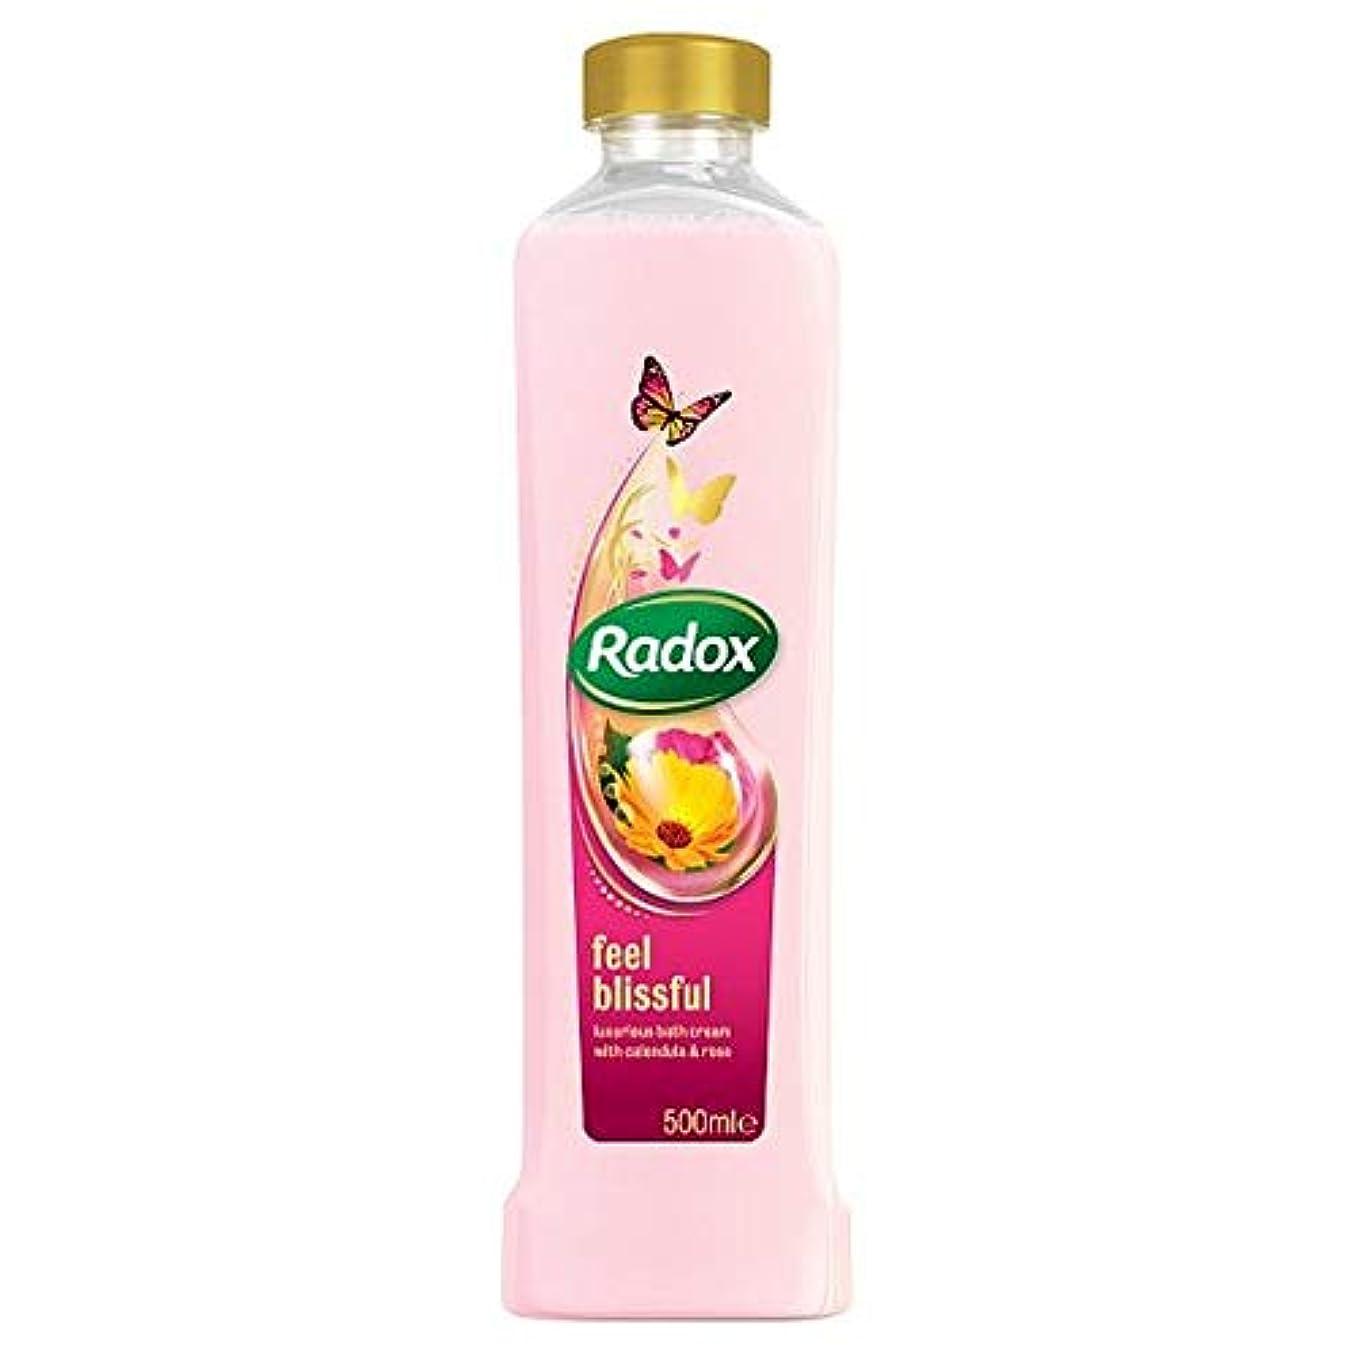 保持する迷信ビバ[Radox] Radoxは500ミリリットル浸る至福の入浴を感じます - Radox Feel Blissful Bath Soak 500Ml [並行輸入品]